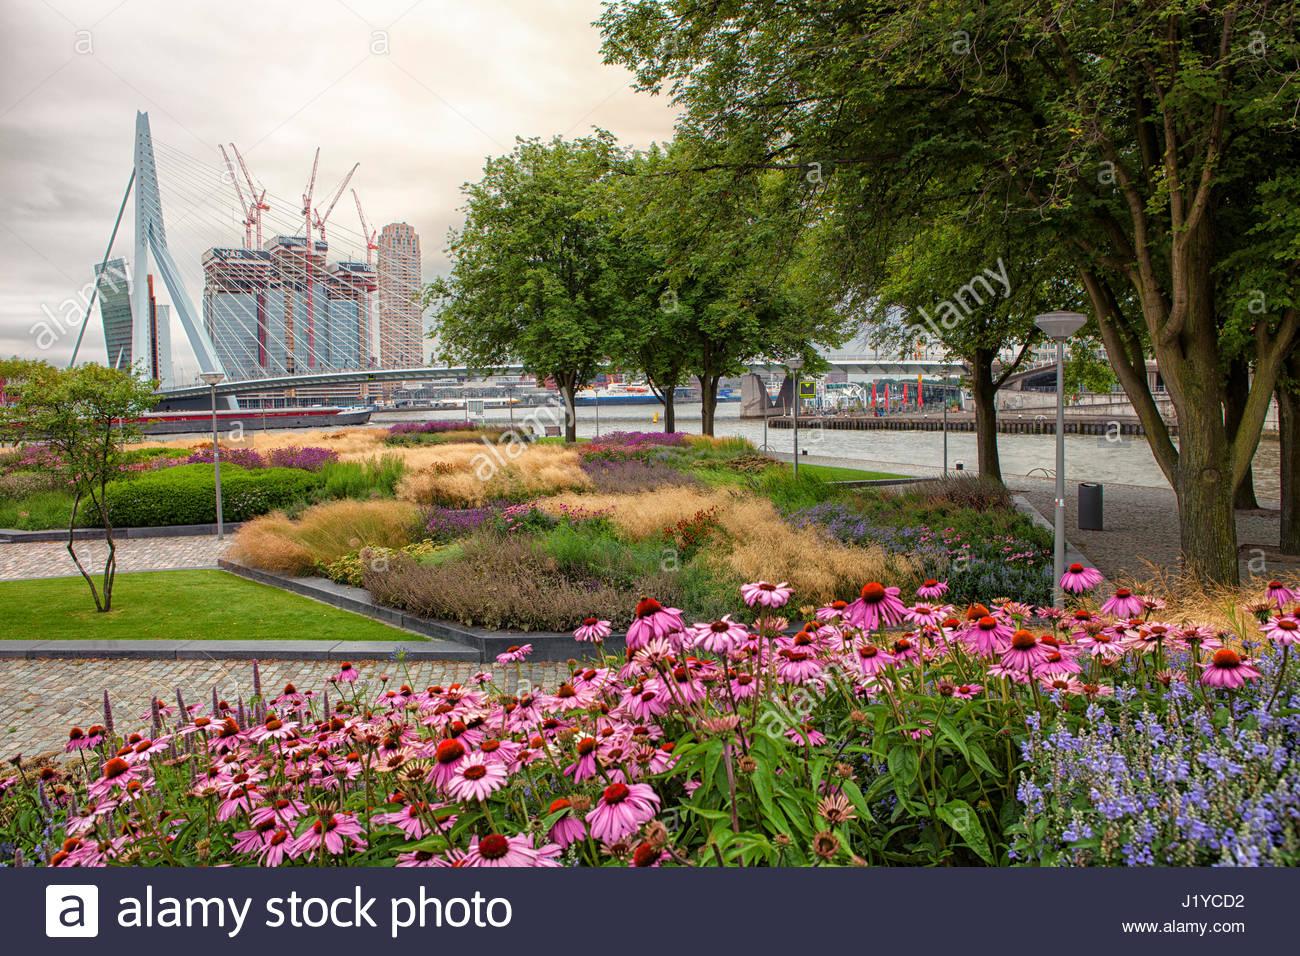 Rotterdam City Garden Design By Piet Oudolf Stock Photo